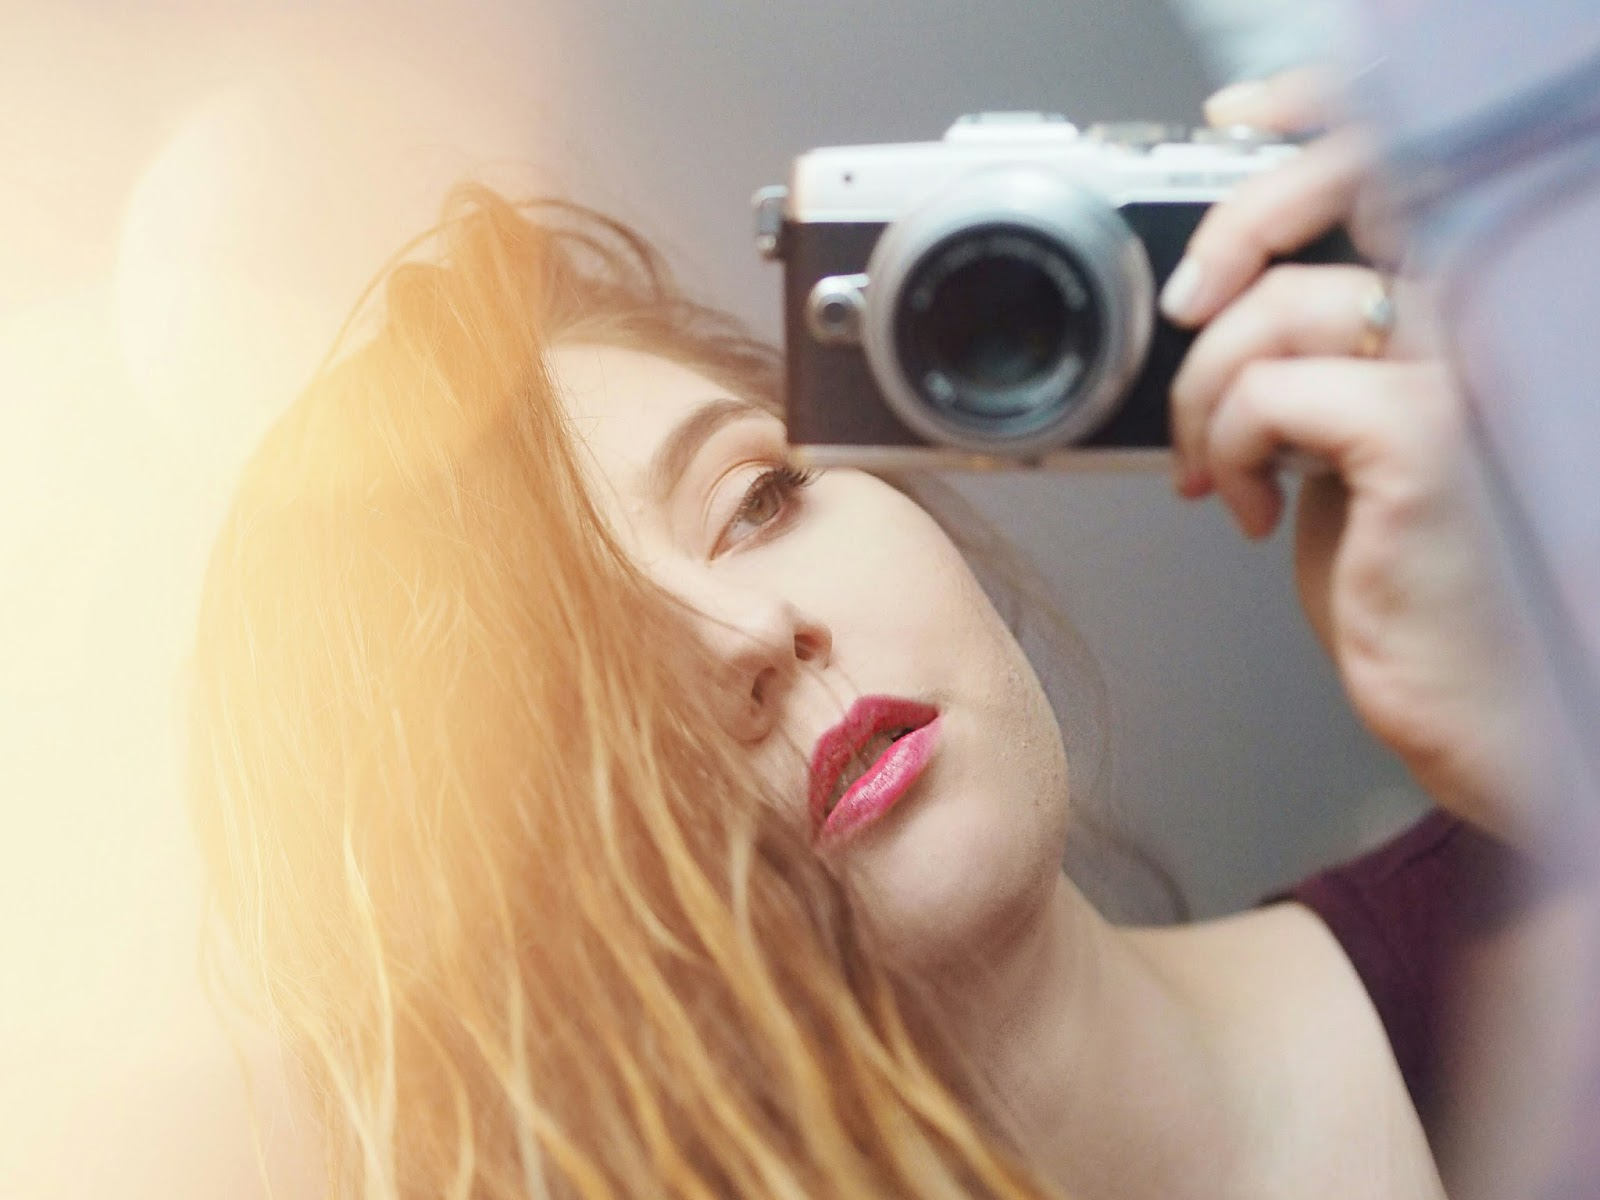 Makijaż Ekstrawagancka Blog Kosmetyki Recenzje Opinia Marki ekskluzywne, wegańskie, CF